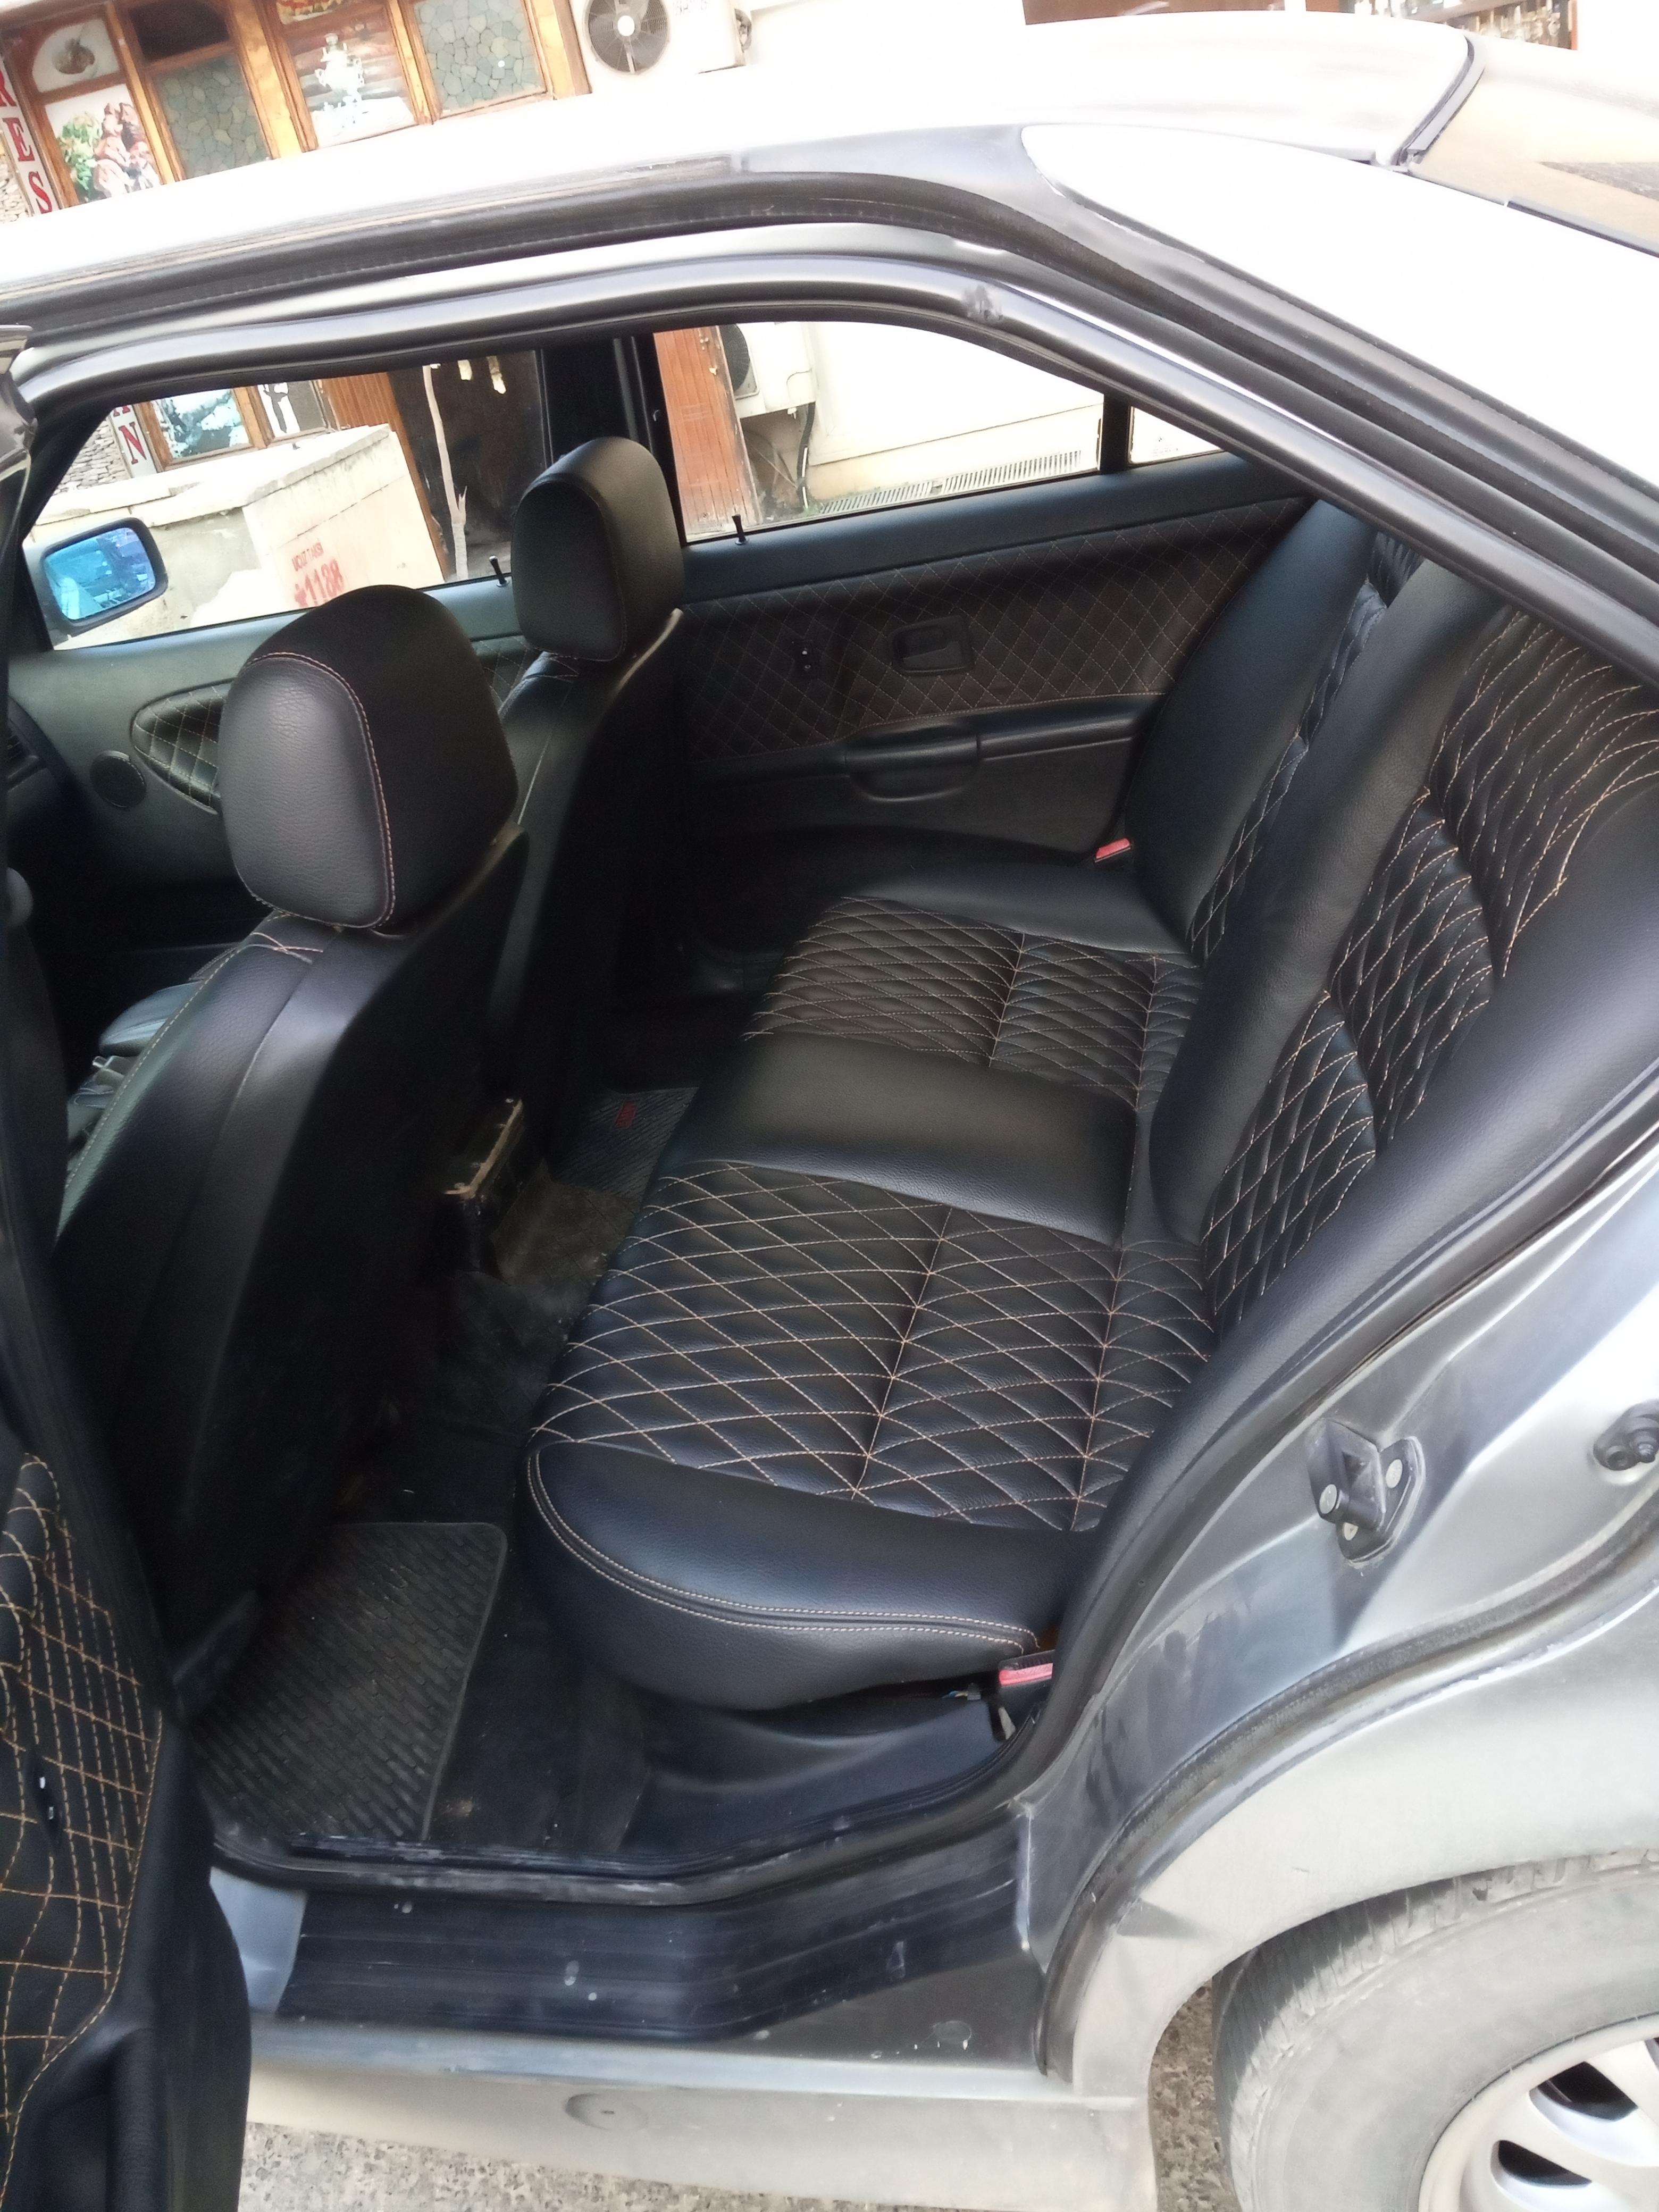 BMW 320 2.0(lt) 1994 İkinci əl  $5500